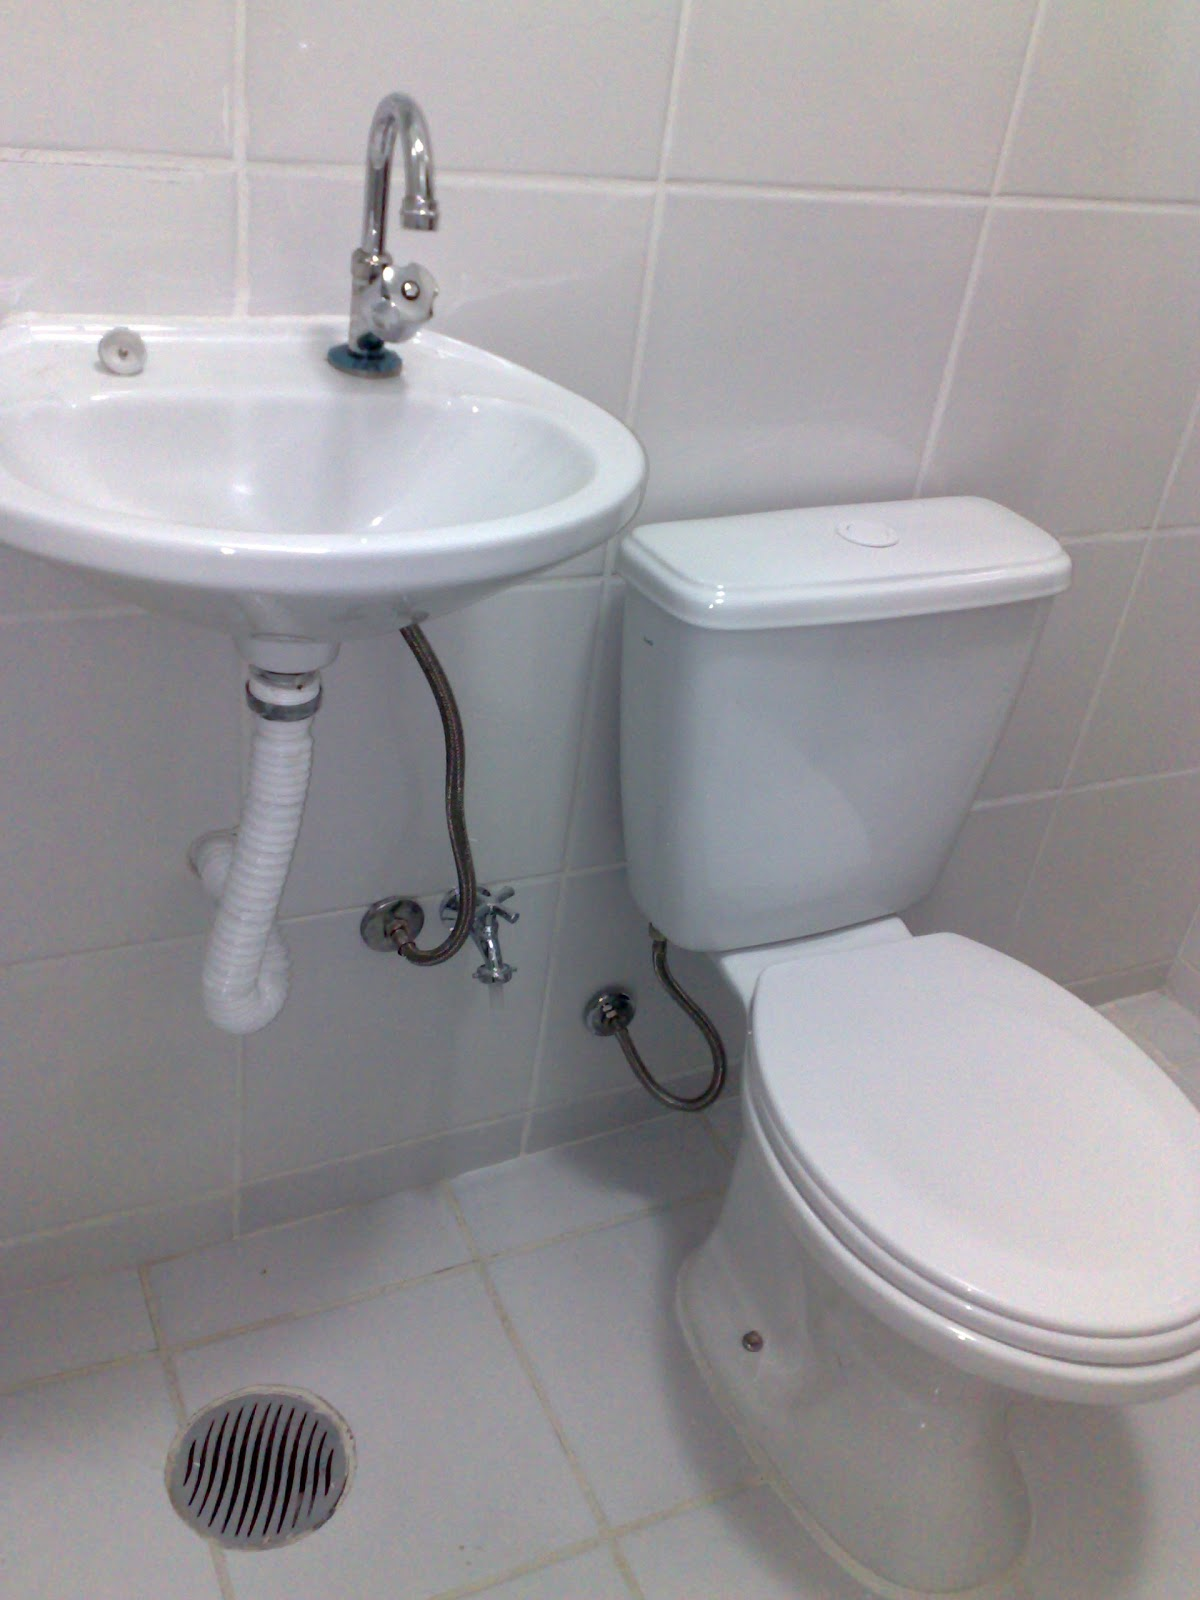 antiga válvula de descarga interna foi substituida por caixa  #5E666D 1200x1600 Banheiro De Pobre Bonito